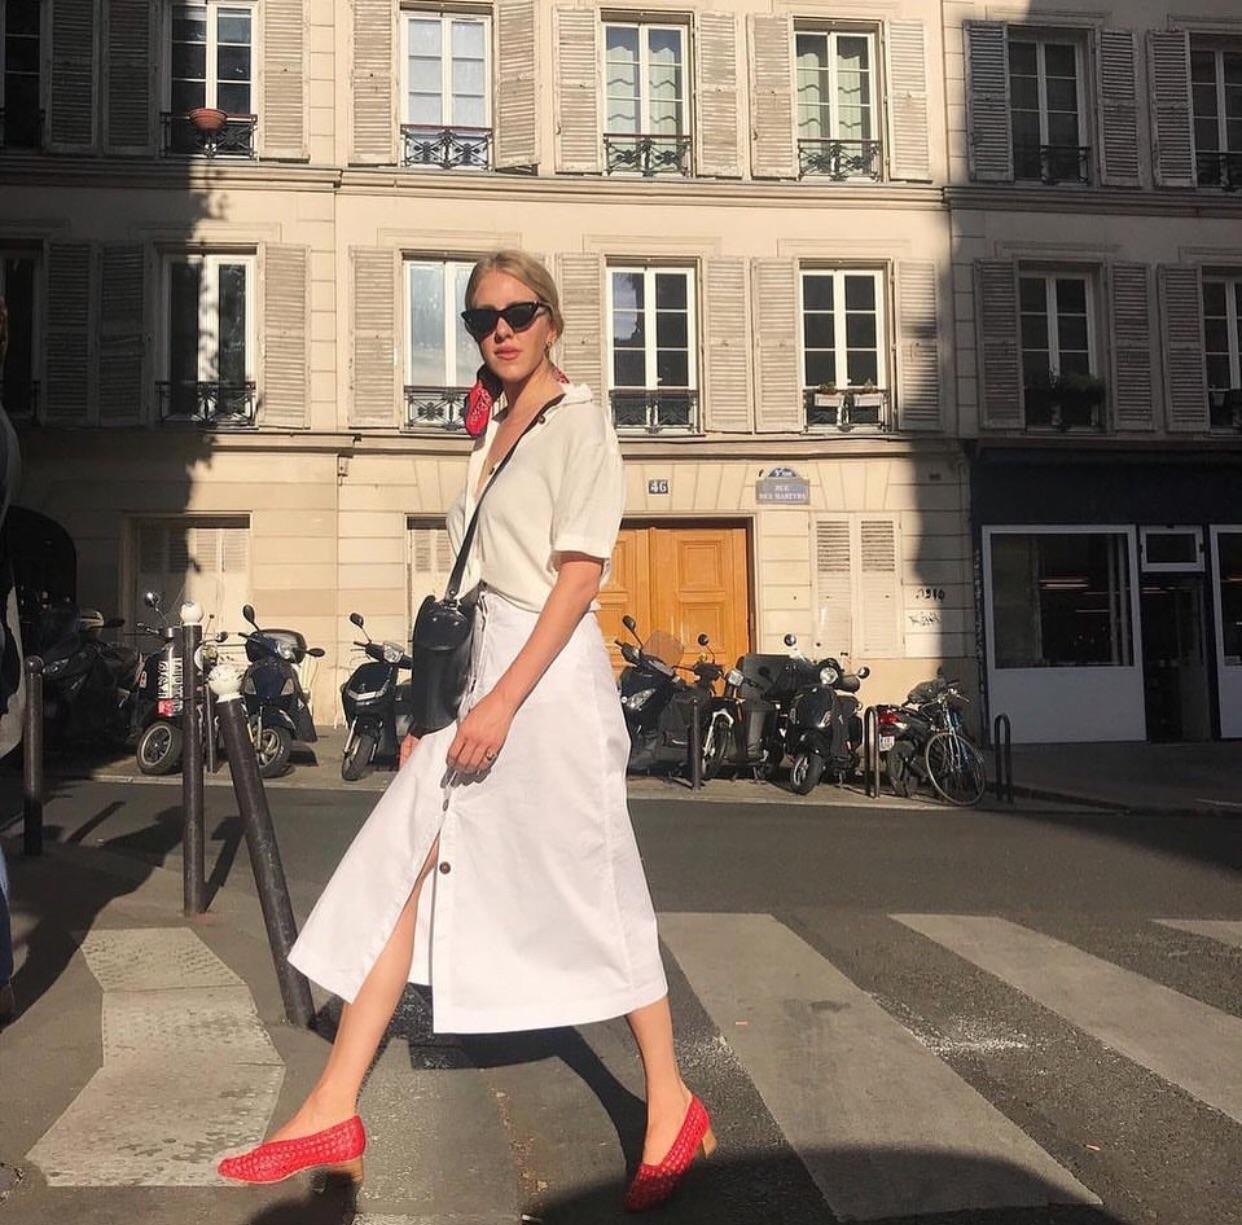 Đừng mãi quanh quẩn với giày đen/trắng nữa, giày đỏ mới thực sự giúp nâng tầm style và khiến bạn trông sang như gái Pháp - Ảnh 10.